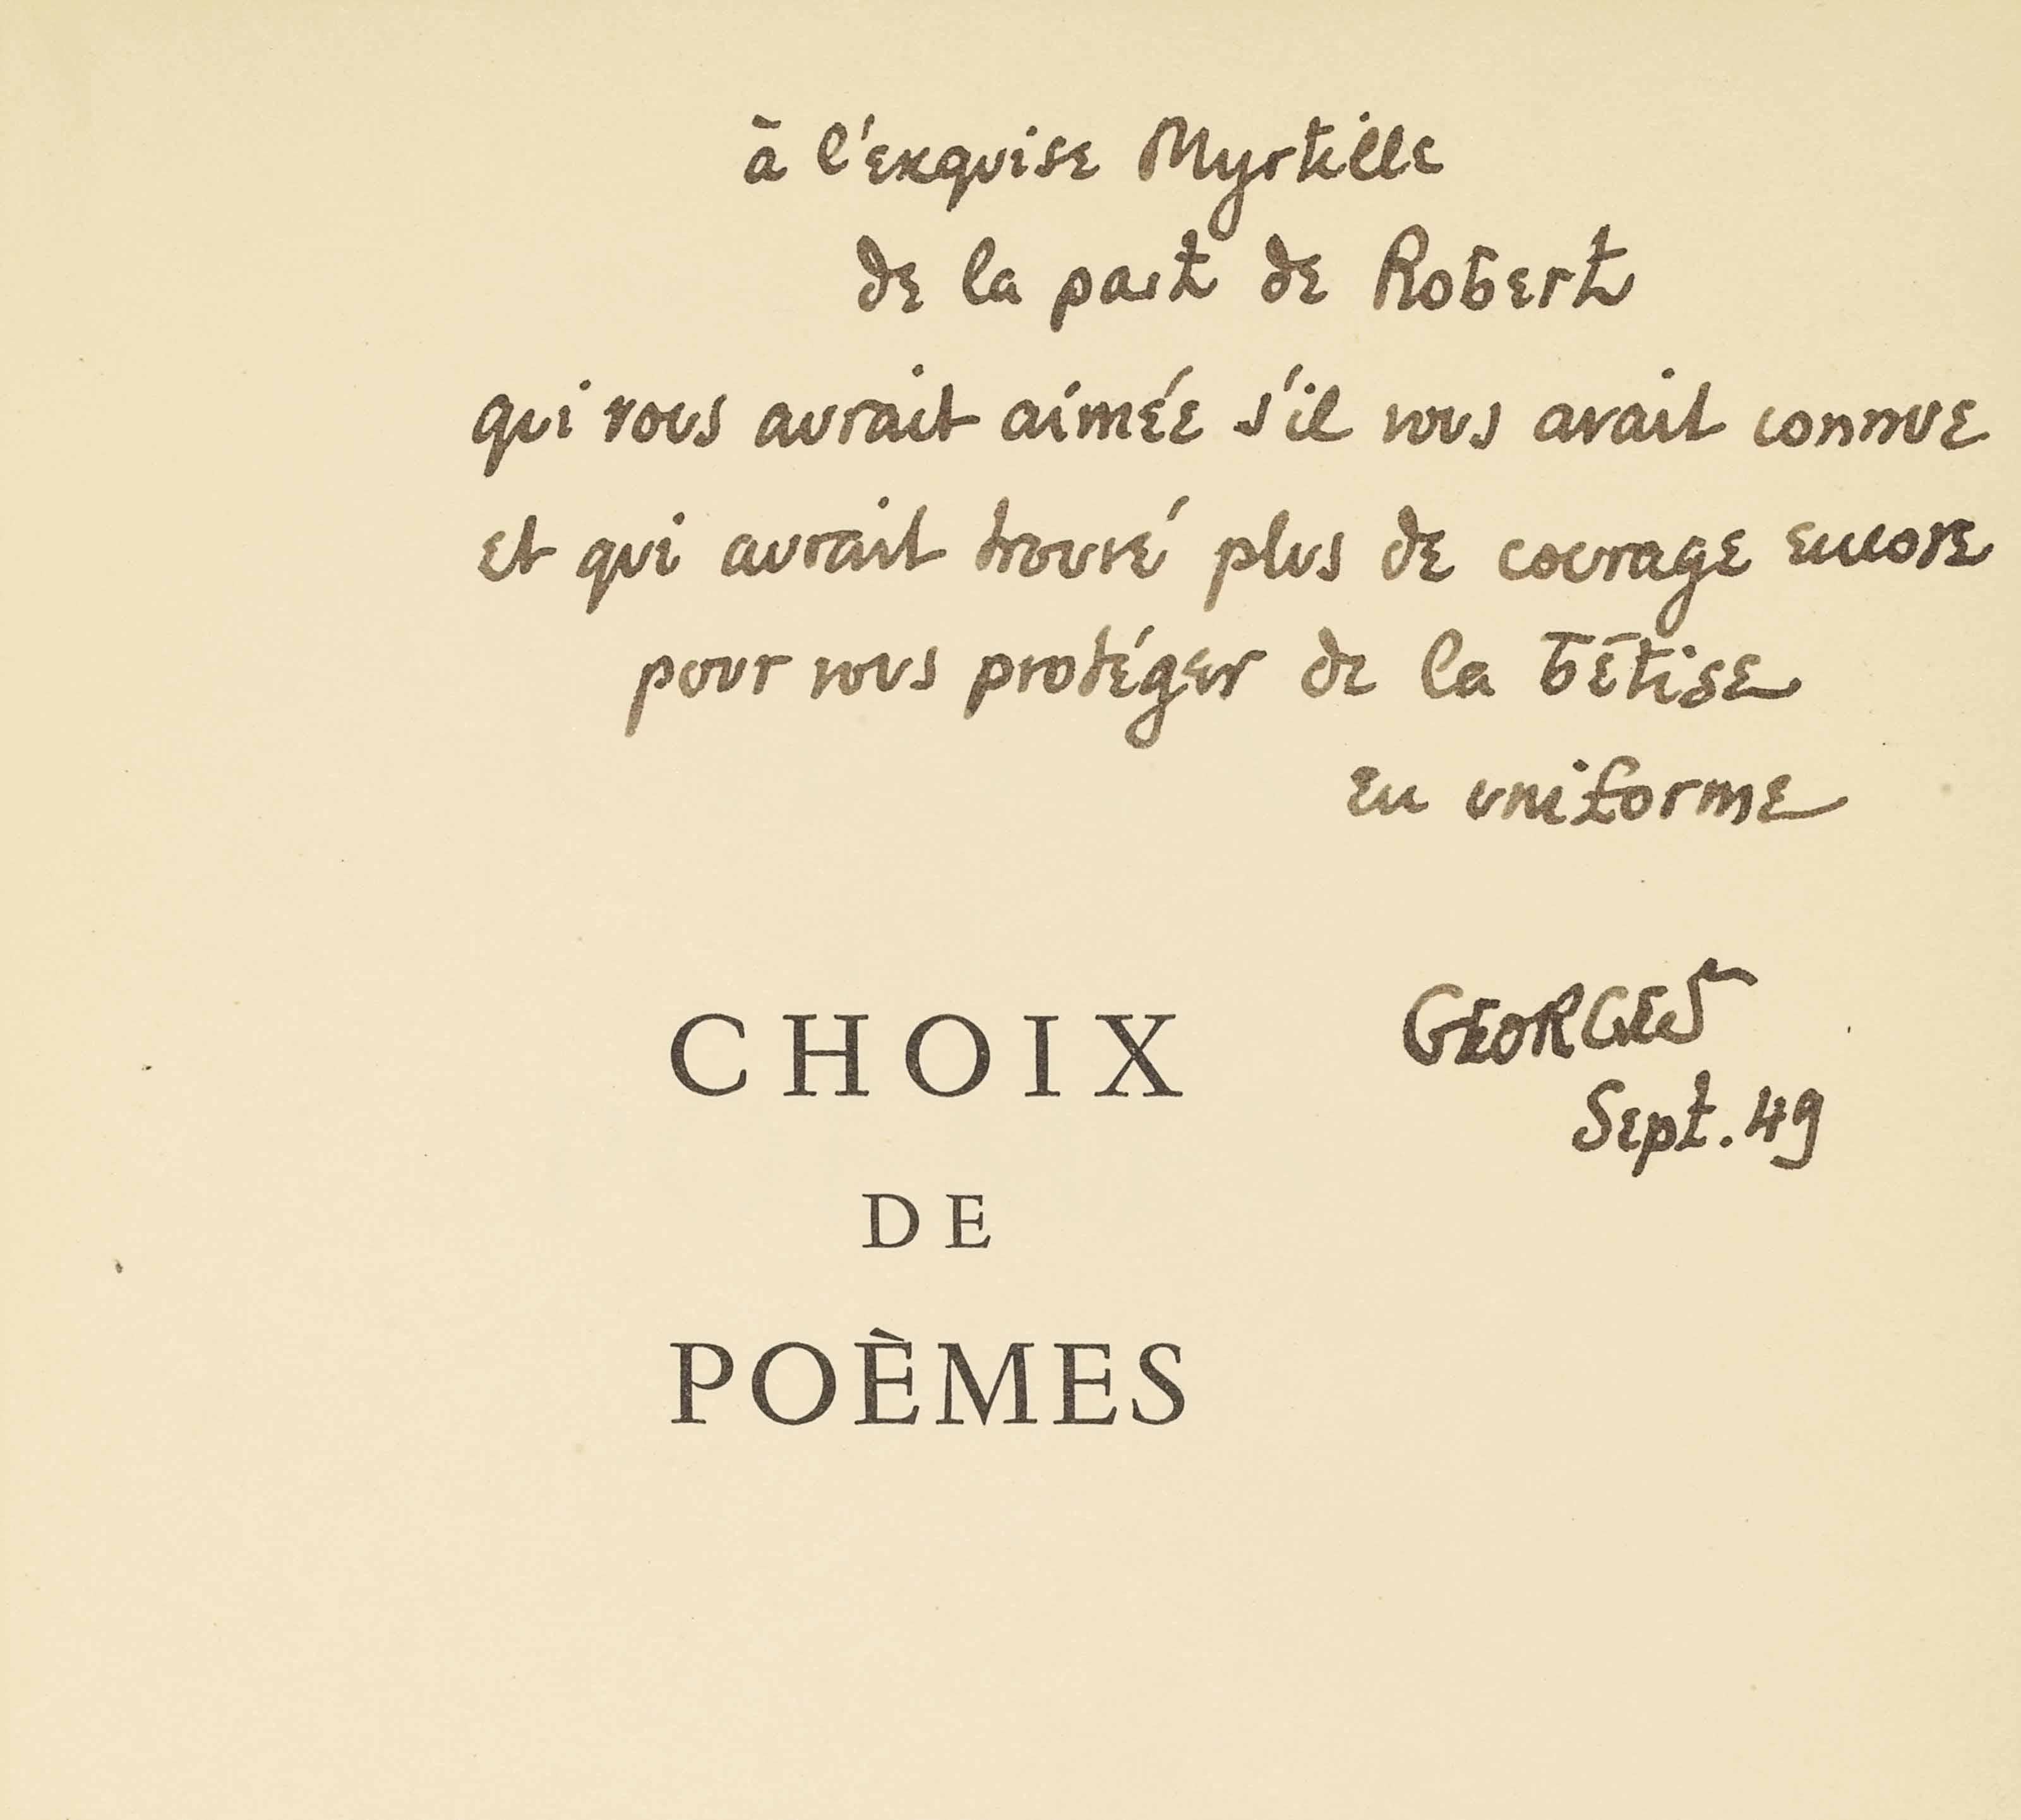 Robert Desnos (1900-1945). Choix de poèmes. Paris : Éditions de Minuit, 26 mars 1946. In-8 (190 x 142 mm). Broché, couverture noire illustrée d'après Mario Prassinos.